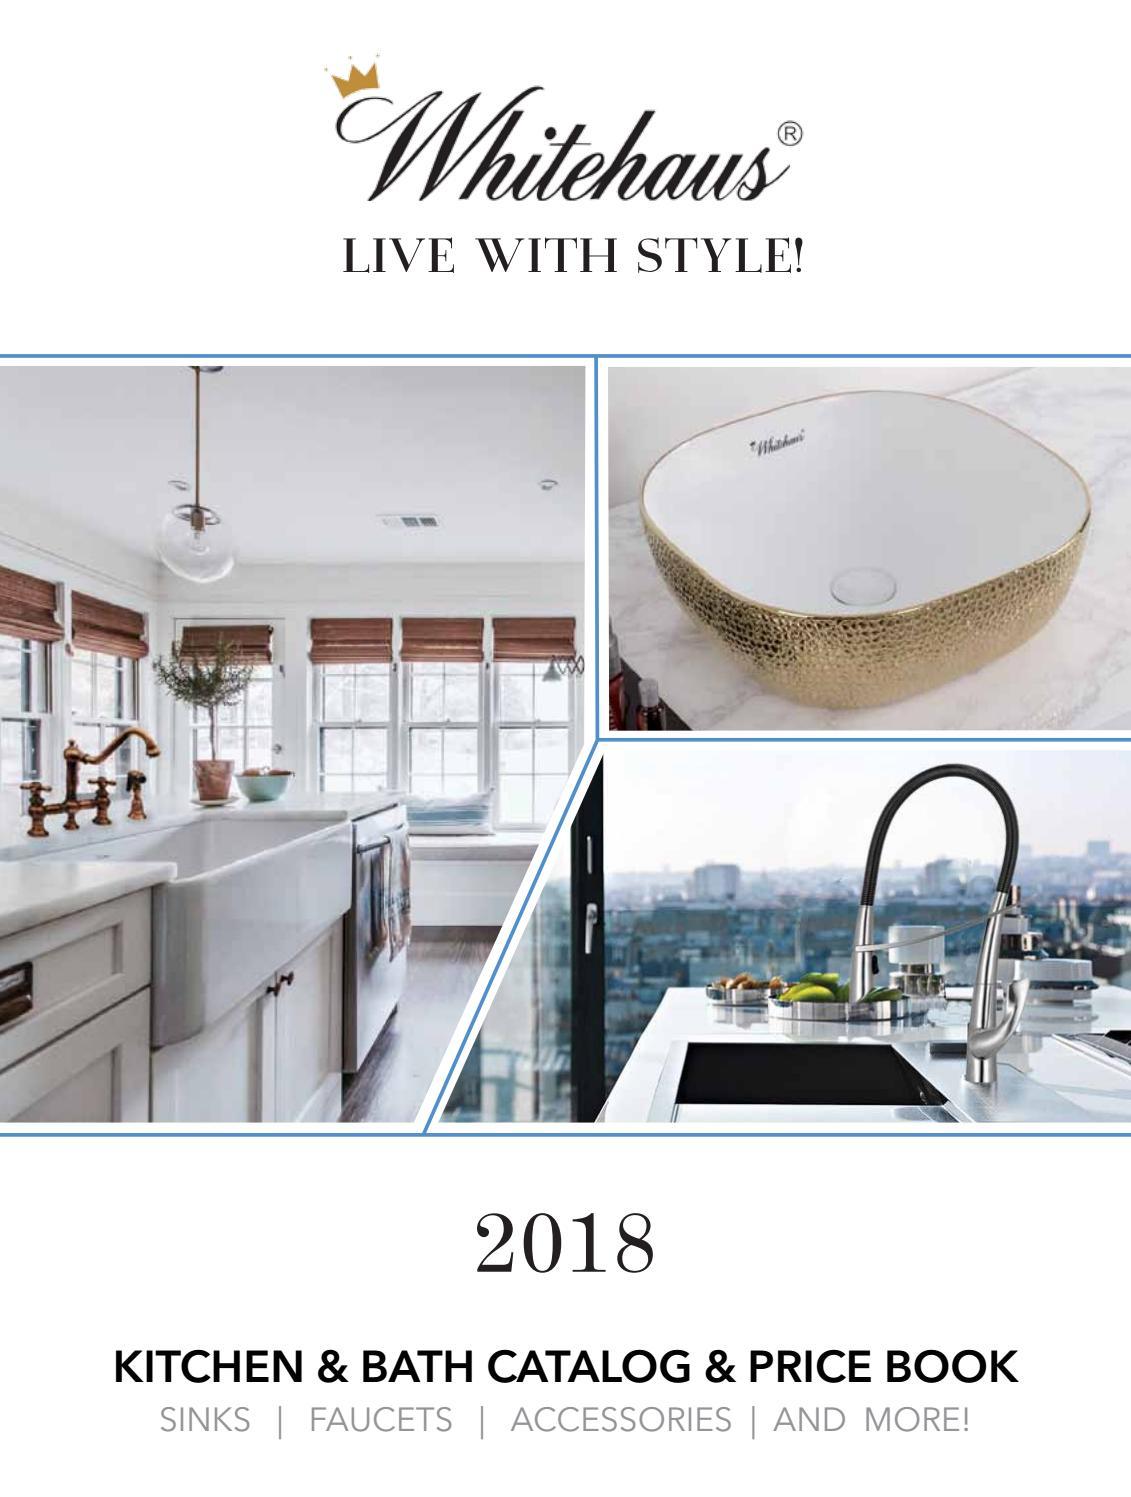 Porc-A-Fix Porcelain Touch Up Glaze WC-2 Biscuit Whitehaus Collection